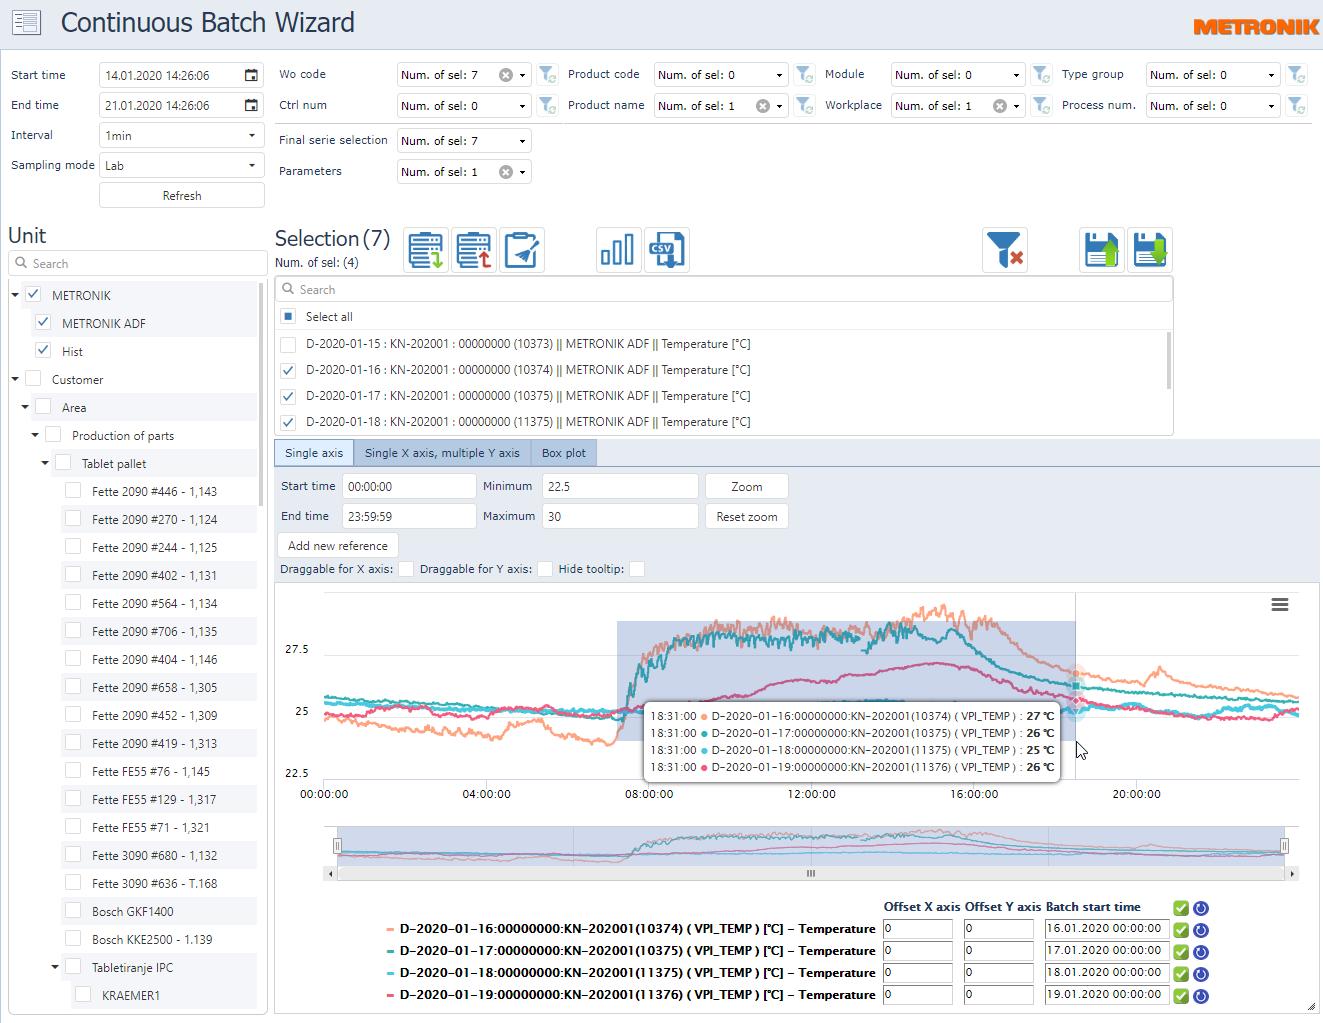 MePIS PDM screenshot